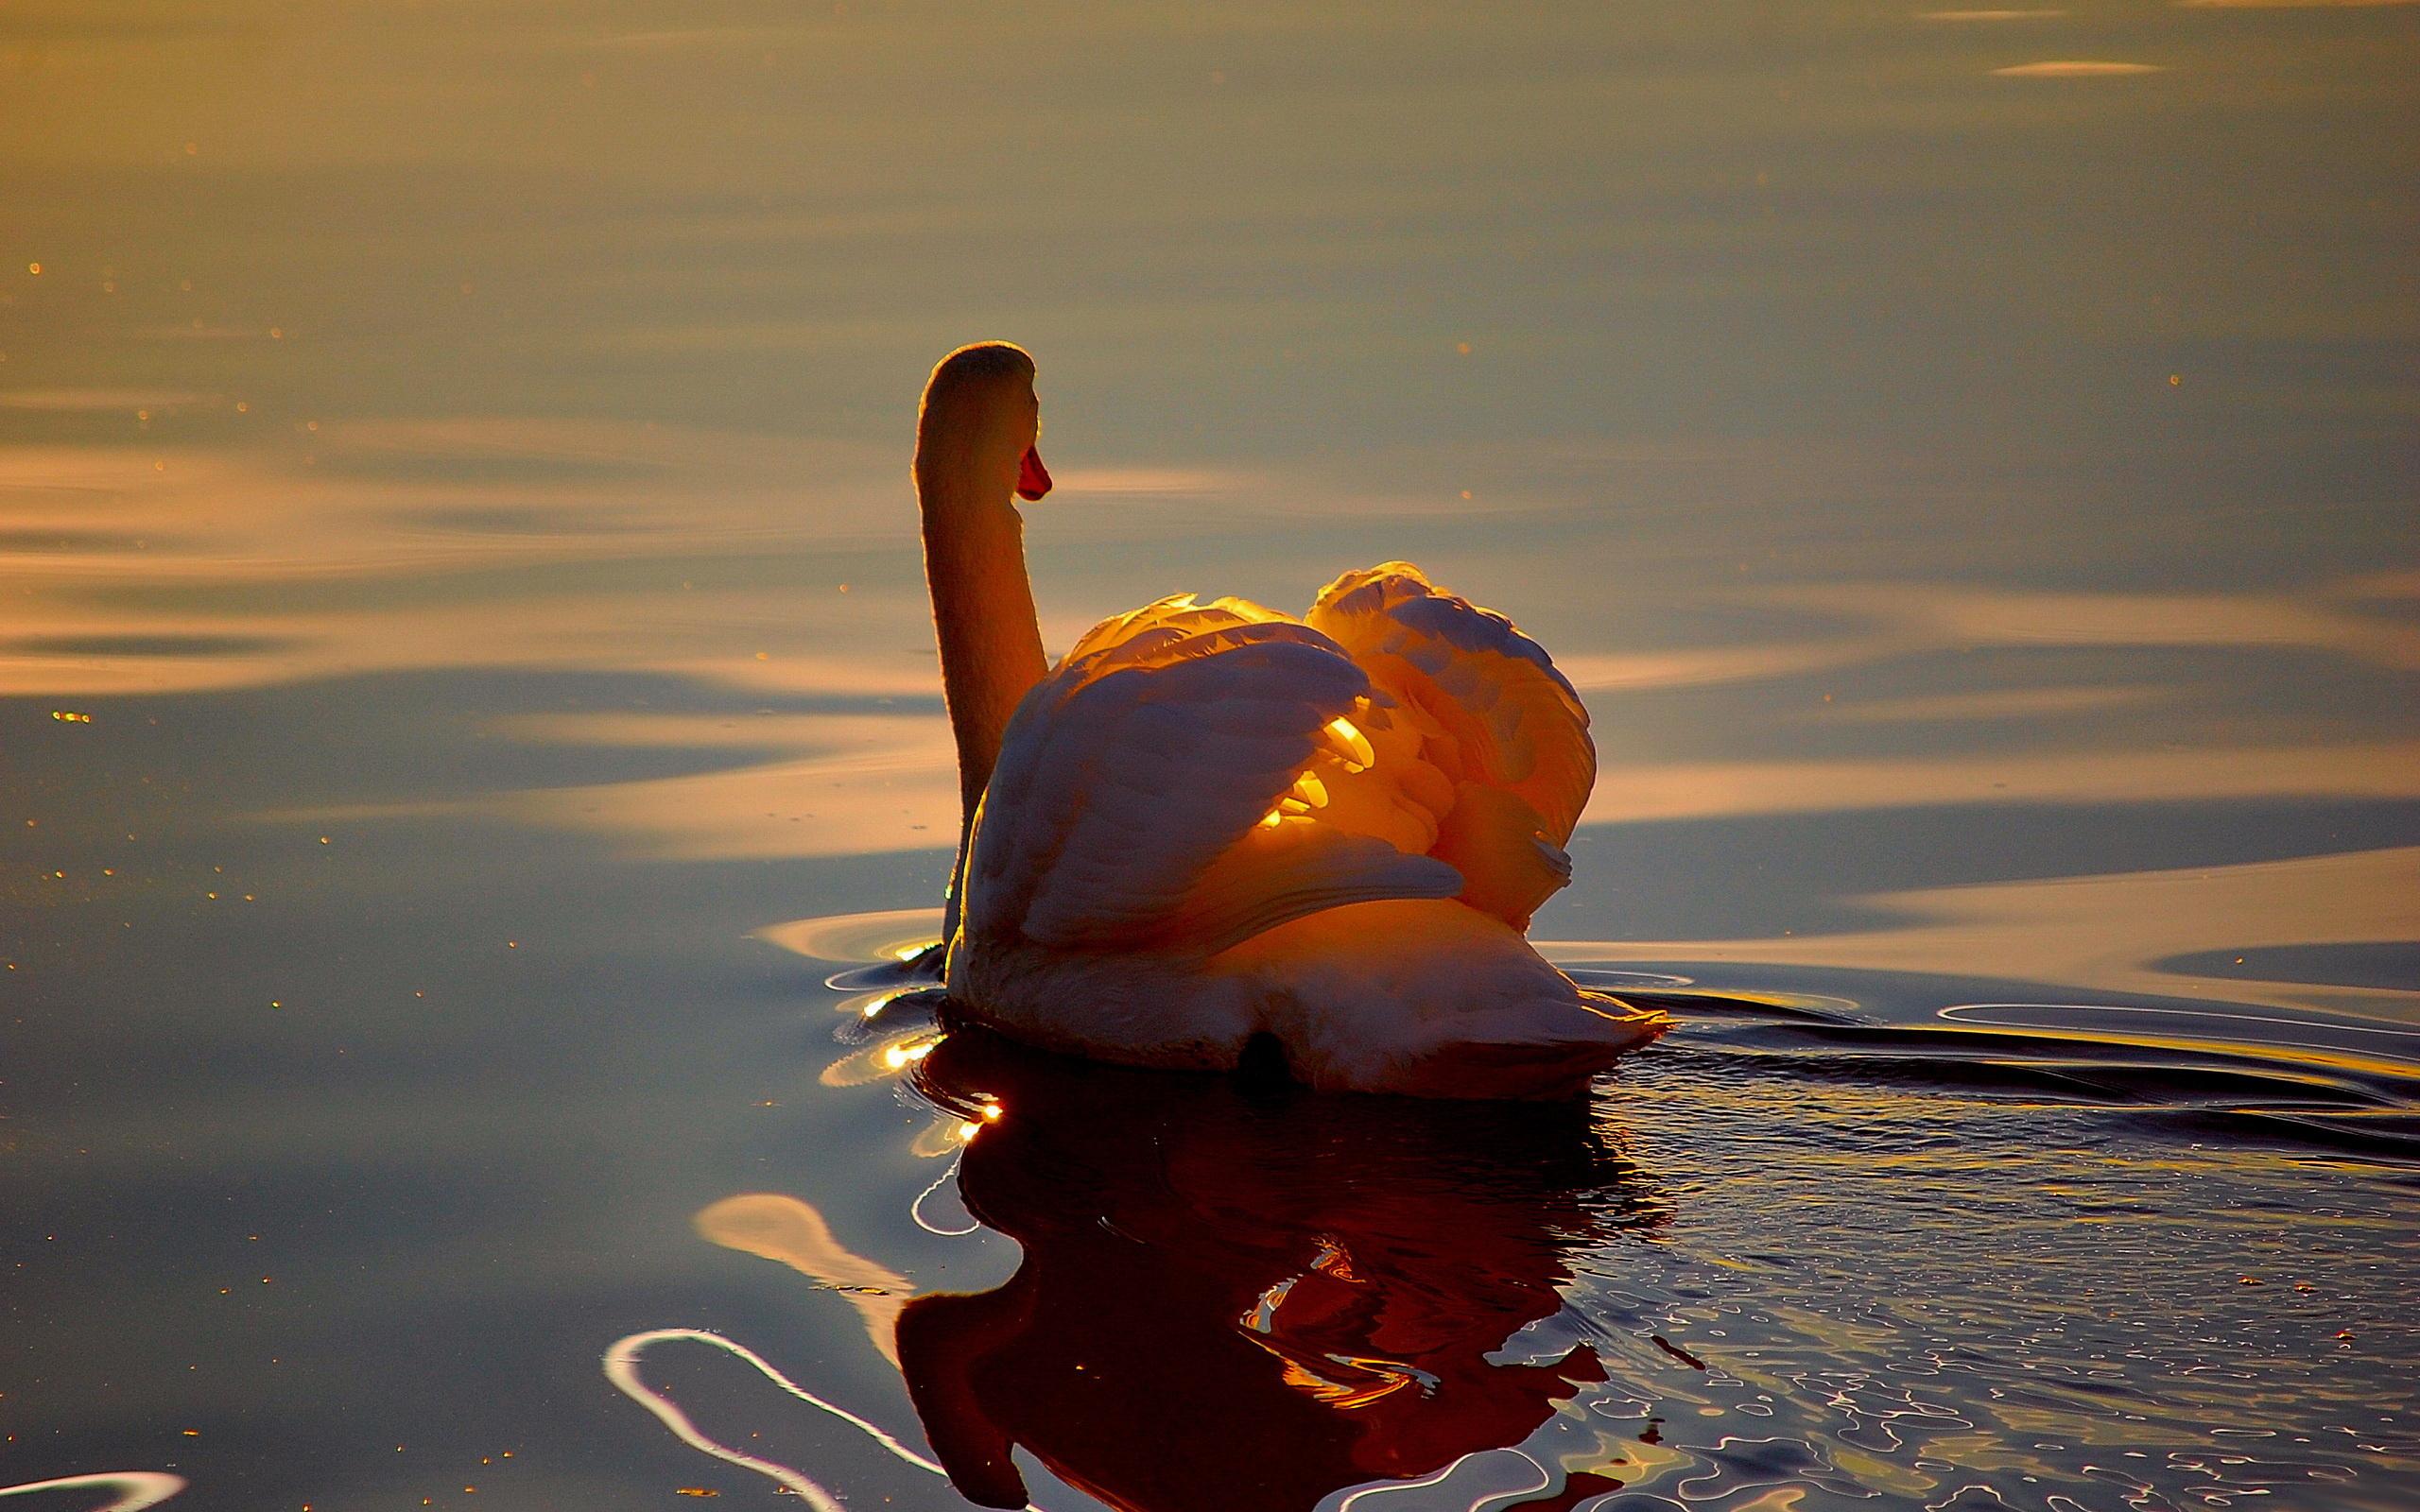 Картинка: Лебедь, закат, вода, плавает